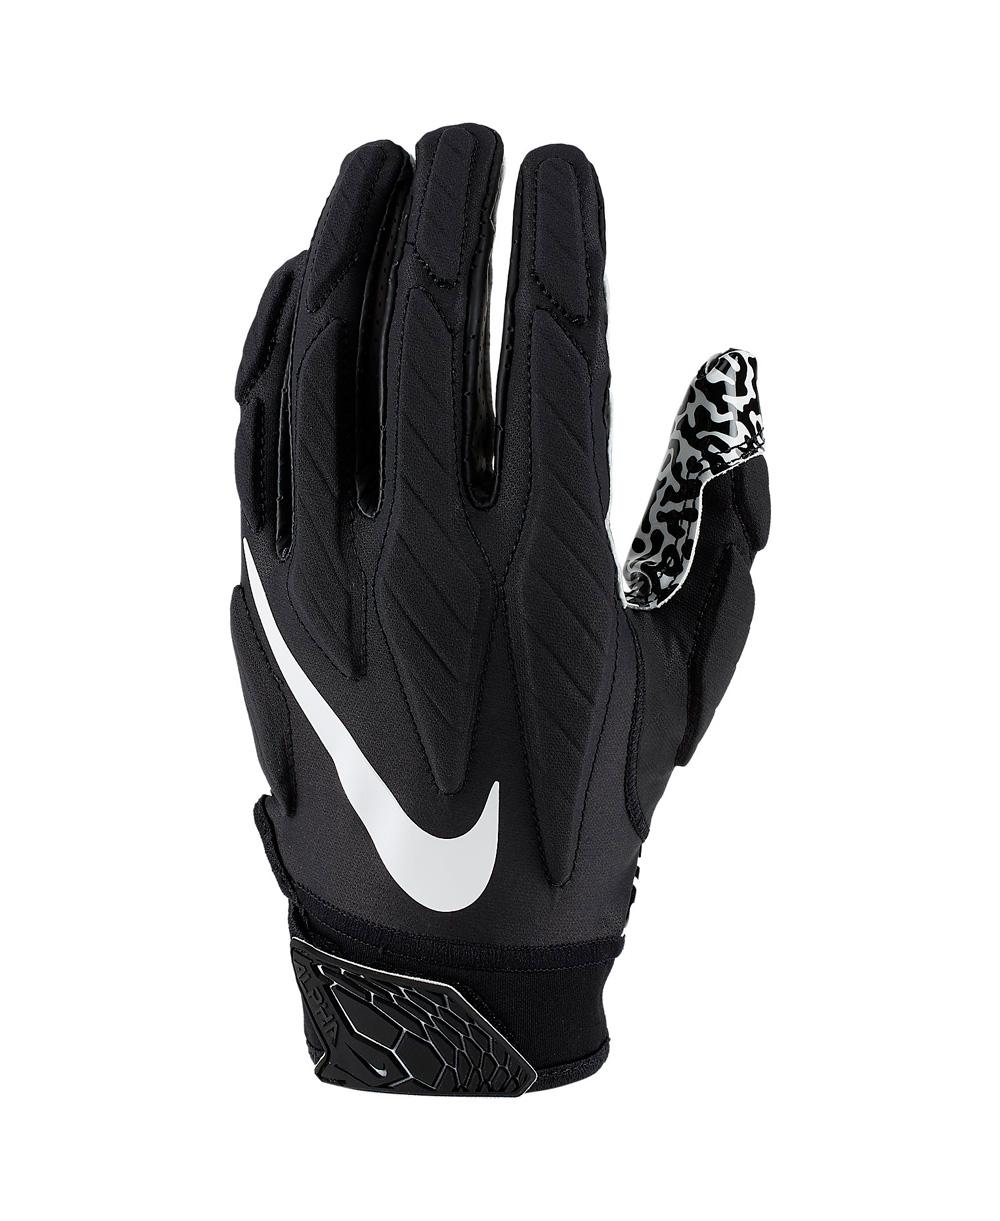 Superbad 5.0 Herren American Football Handschuhe Black